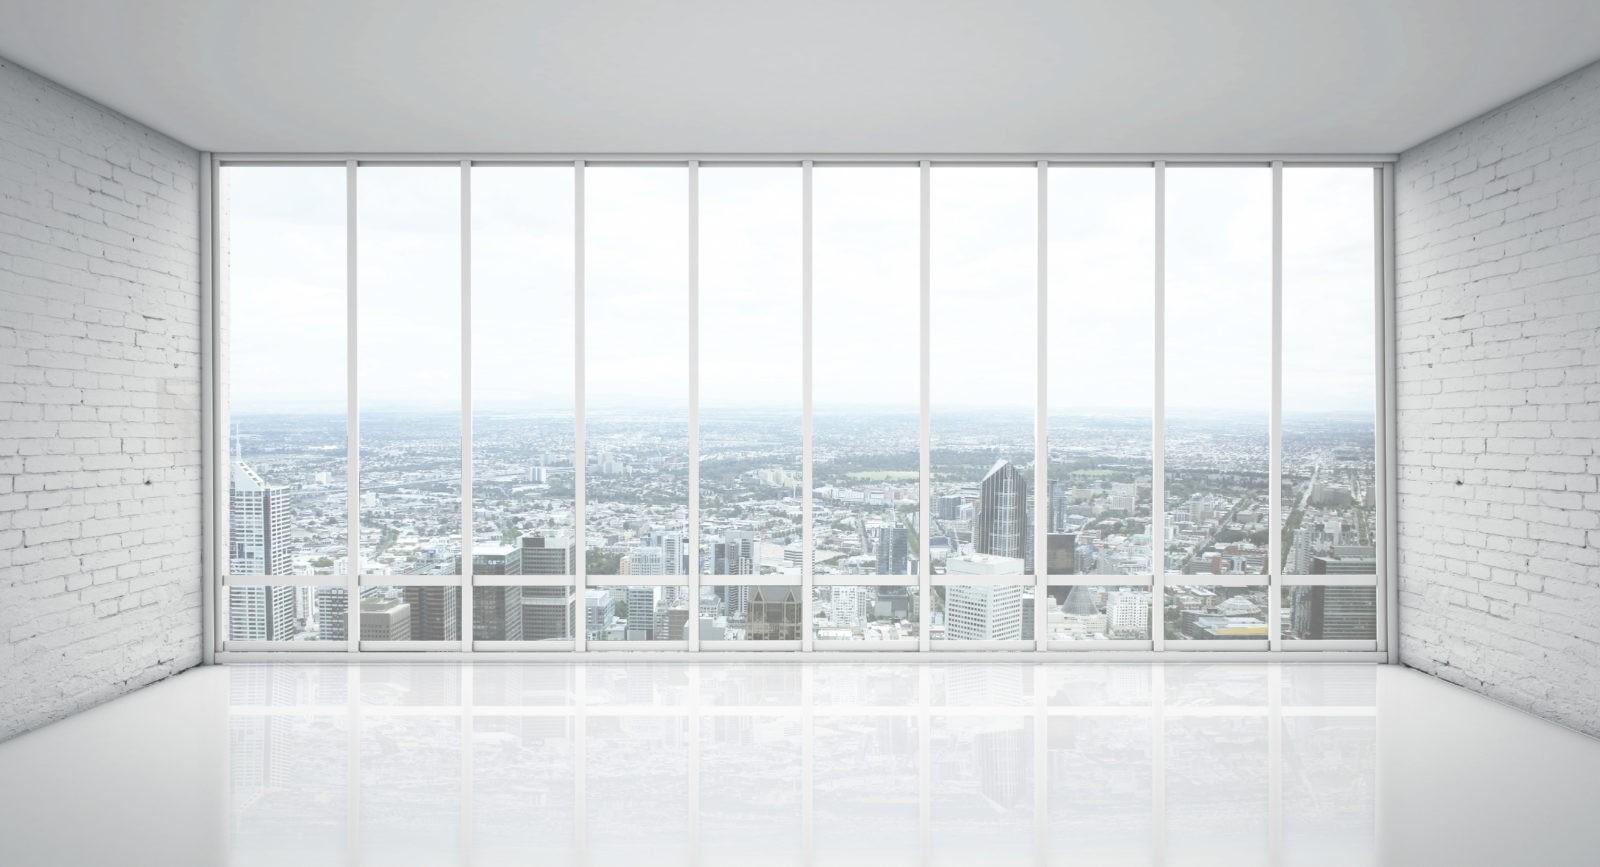 ПВХ окна: преимущества в эксплуатации